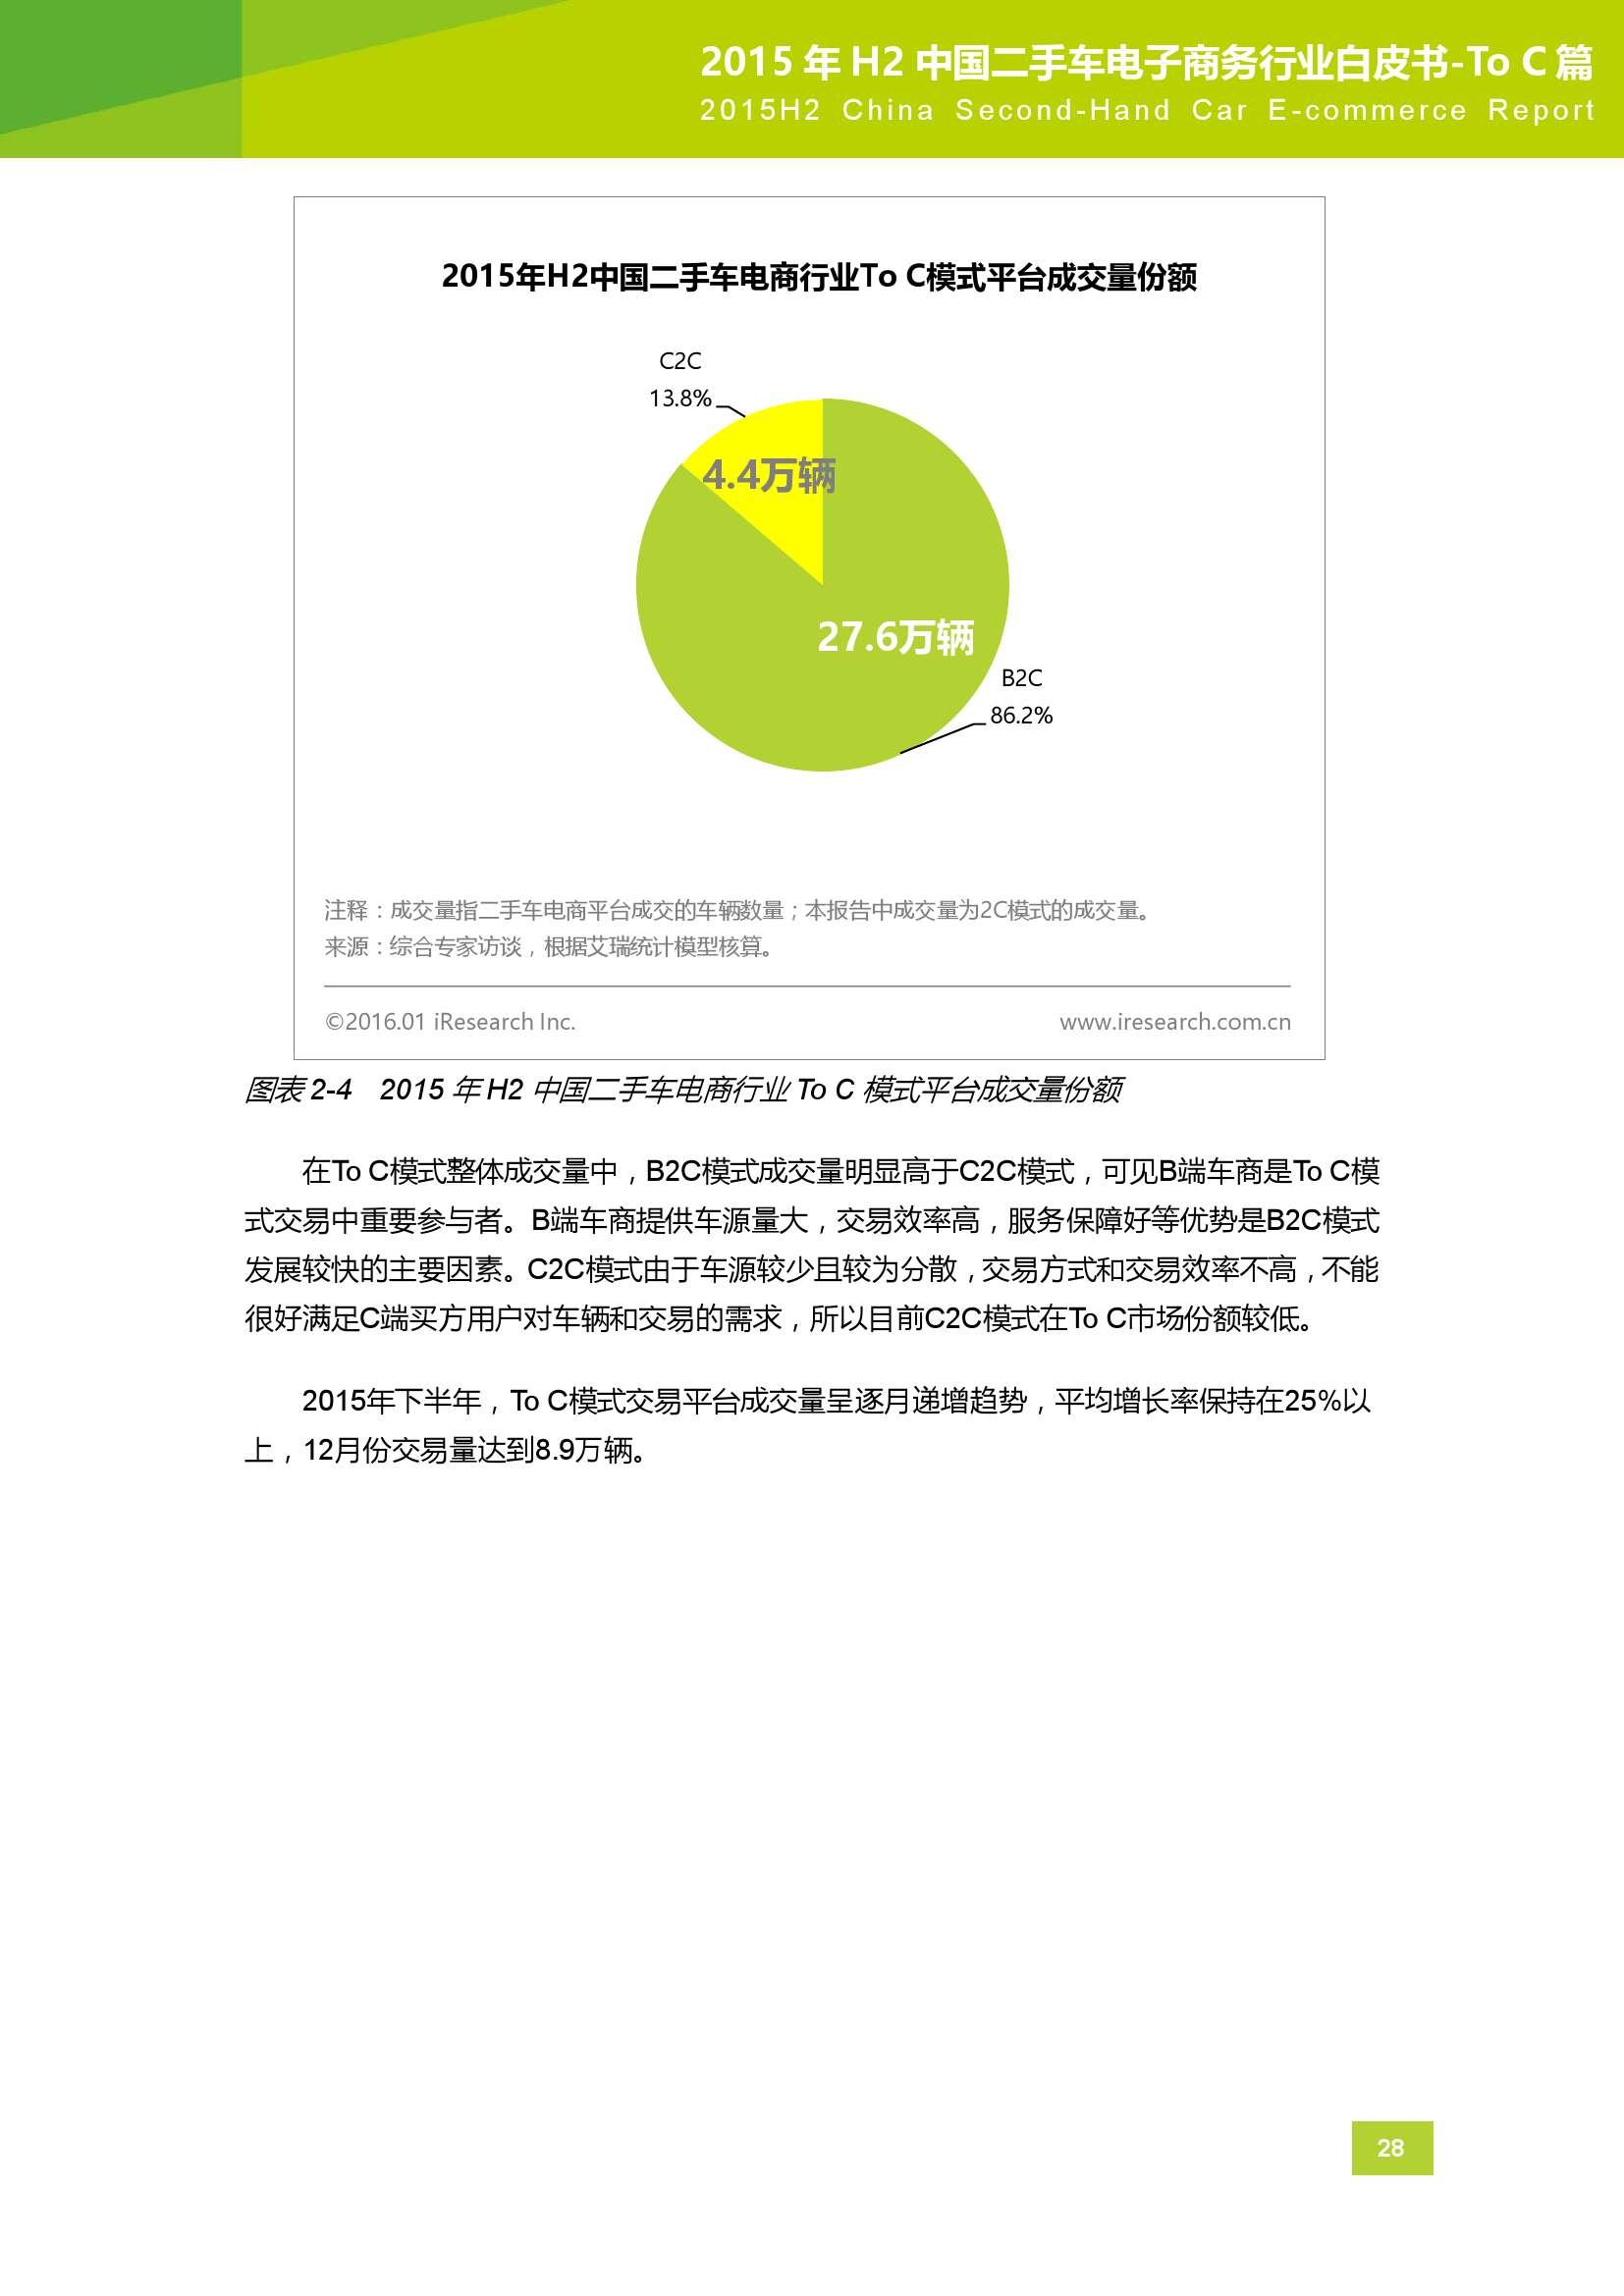 2015年H2中国二手车电子商务行业白皮书_000028